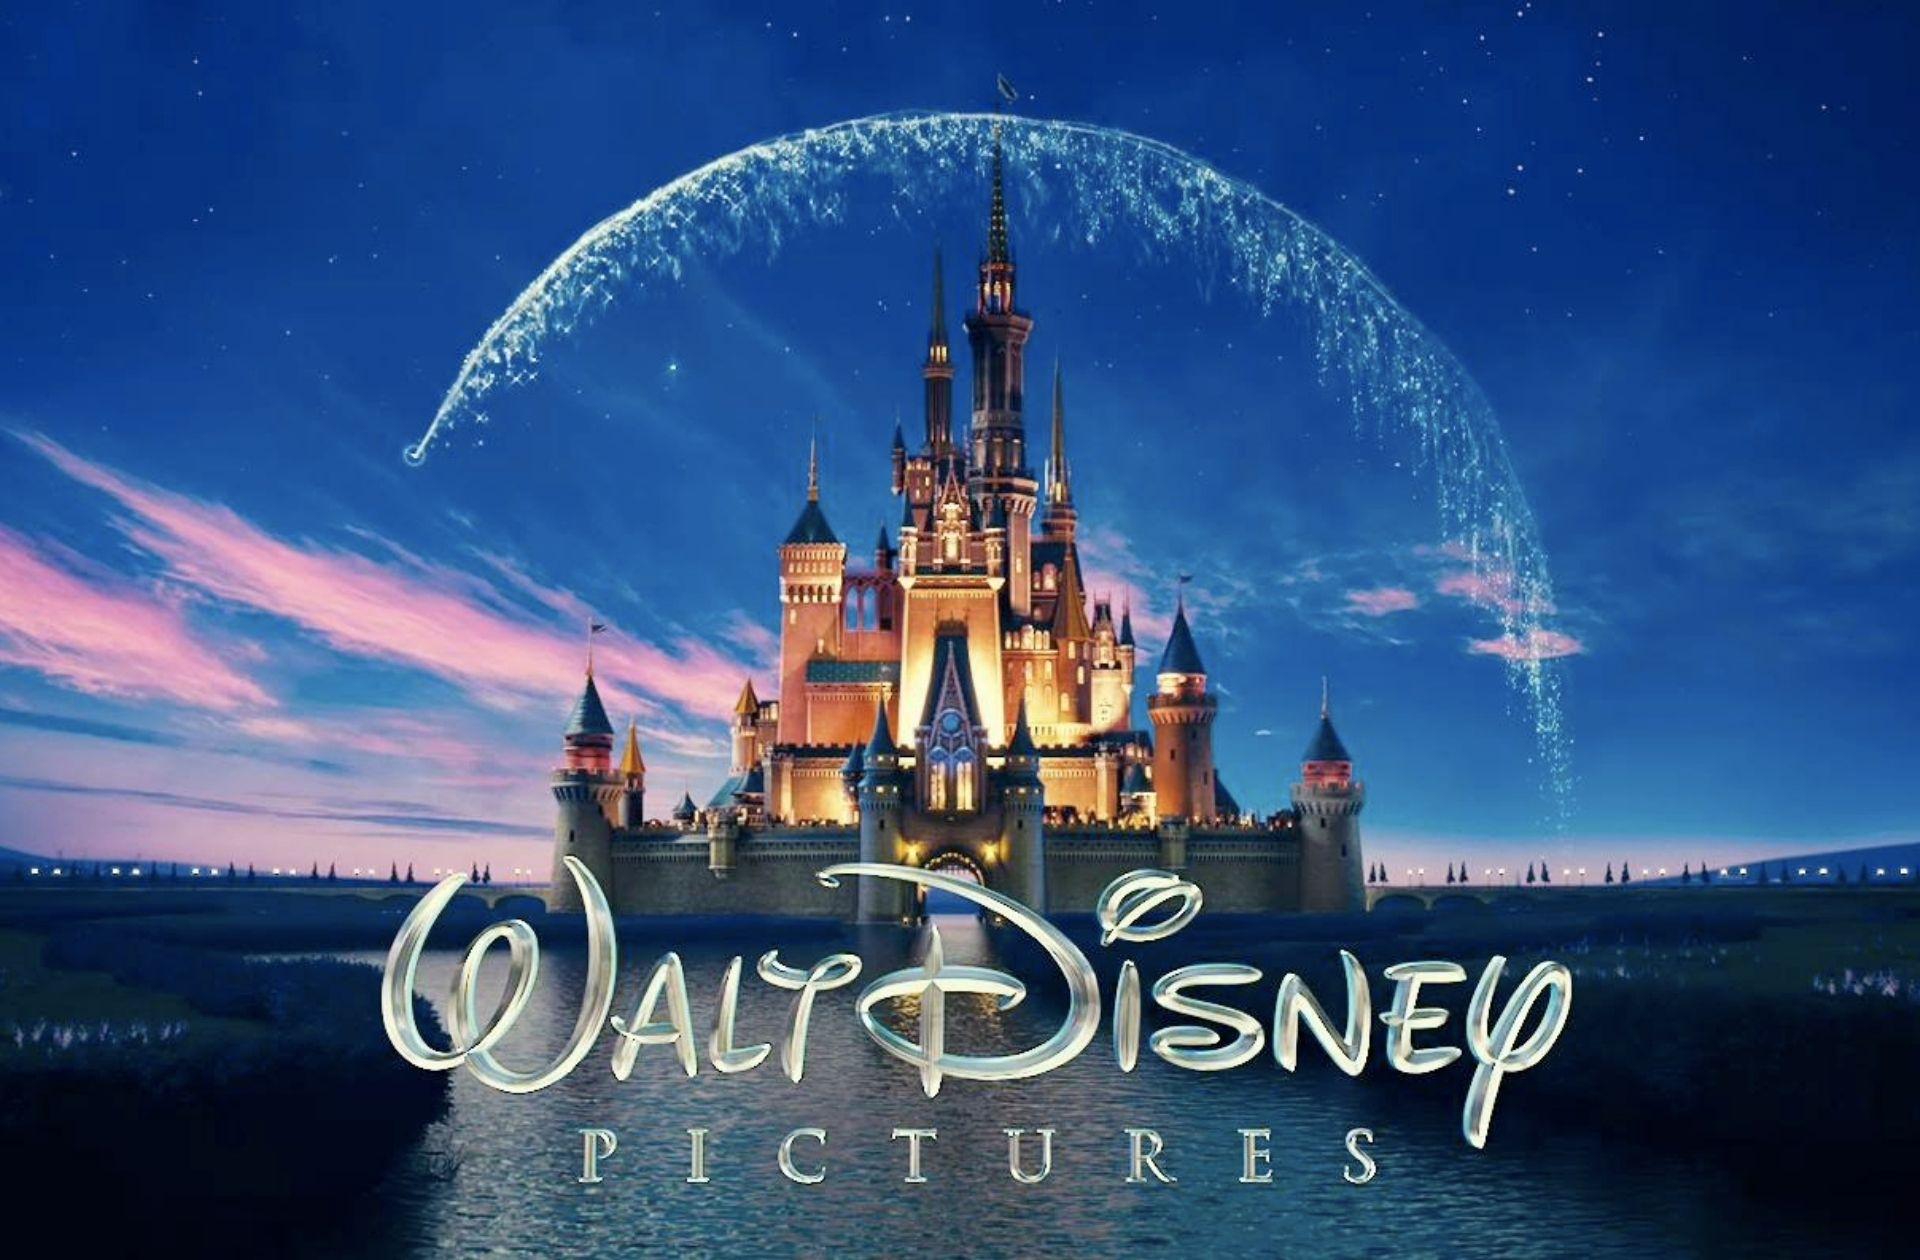 Les meilleurs Disney à montrer à votre môme, en fonction de son âge